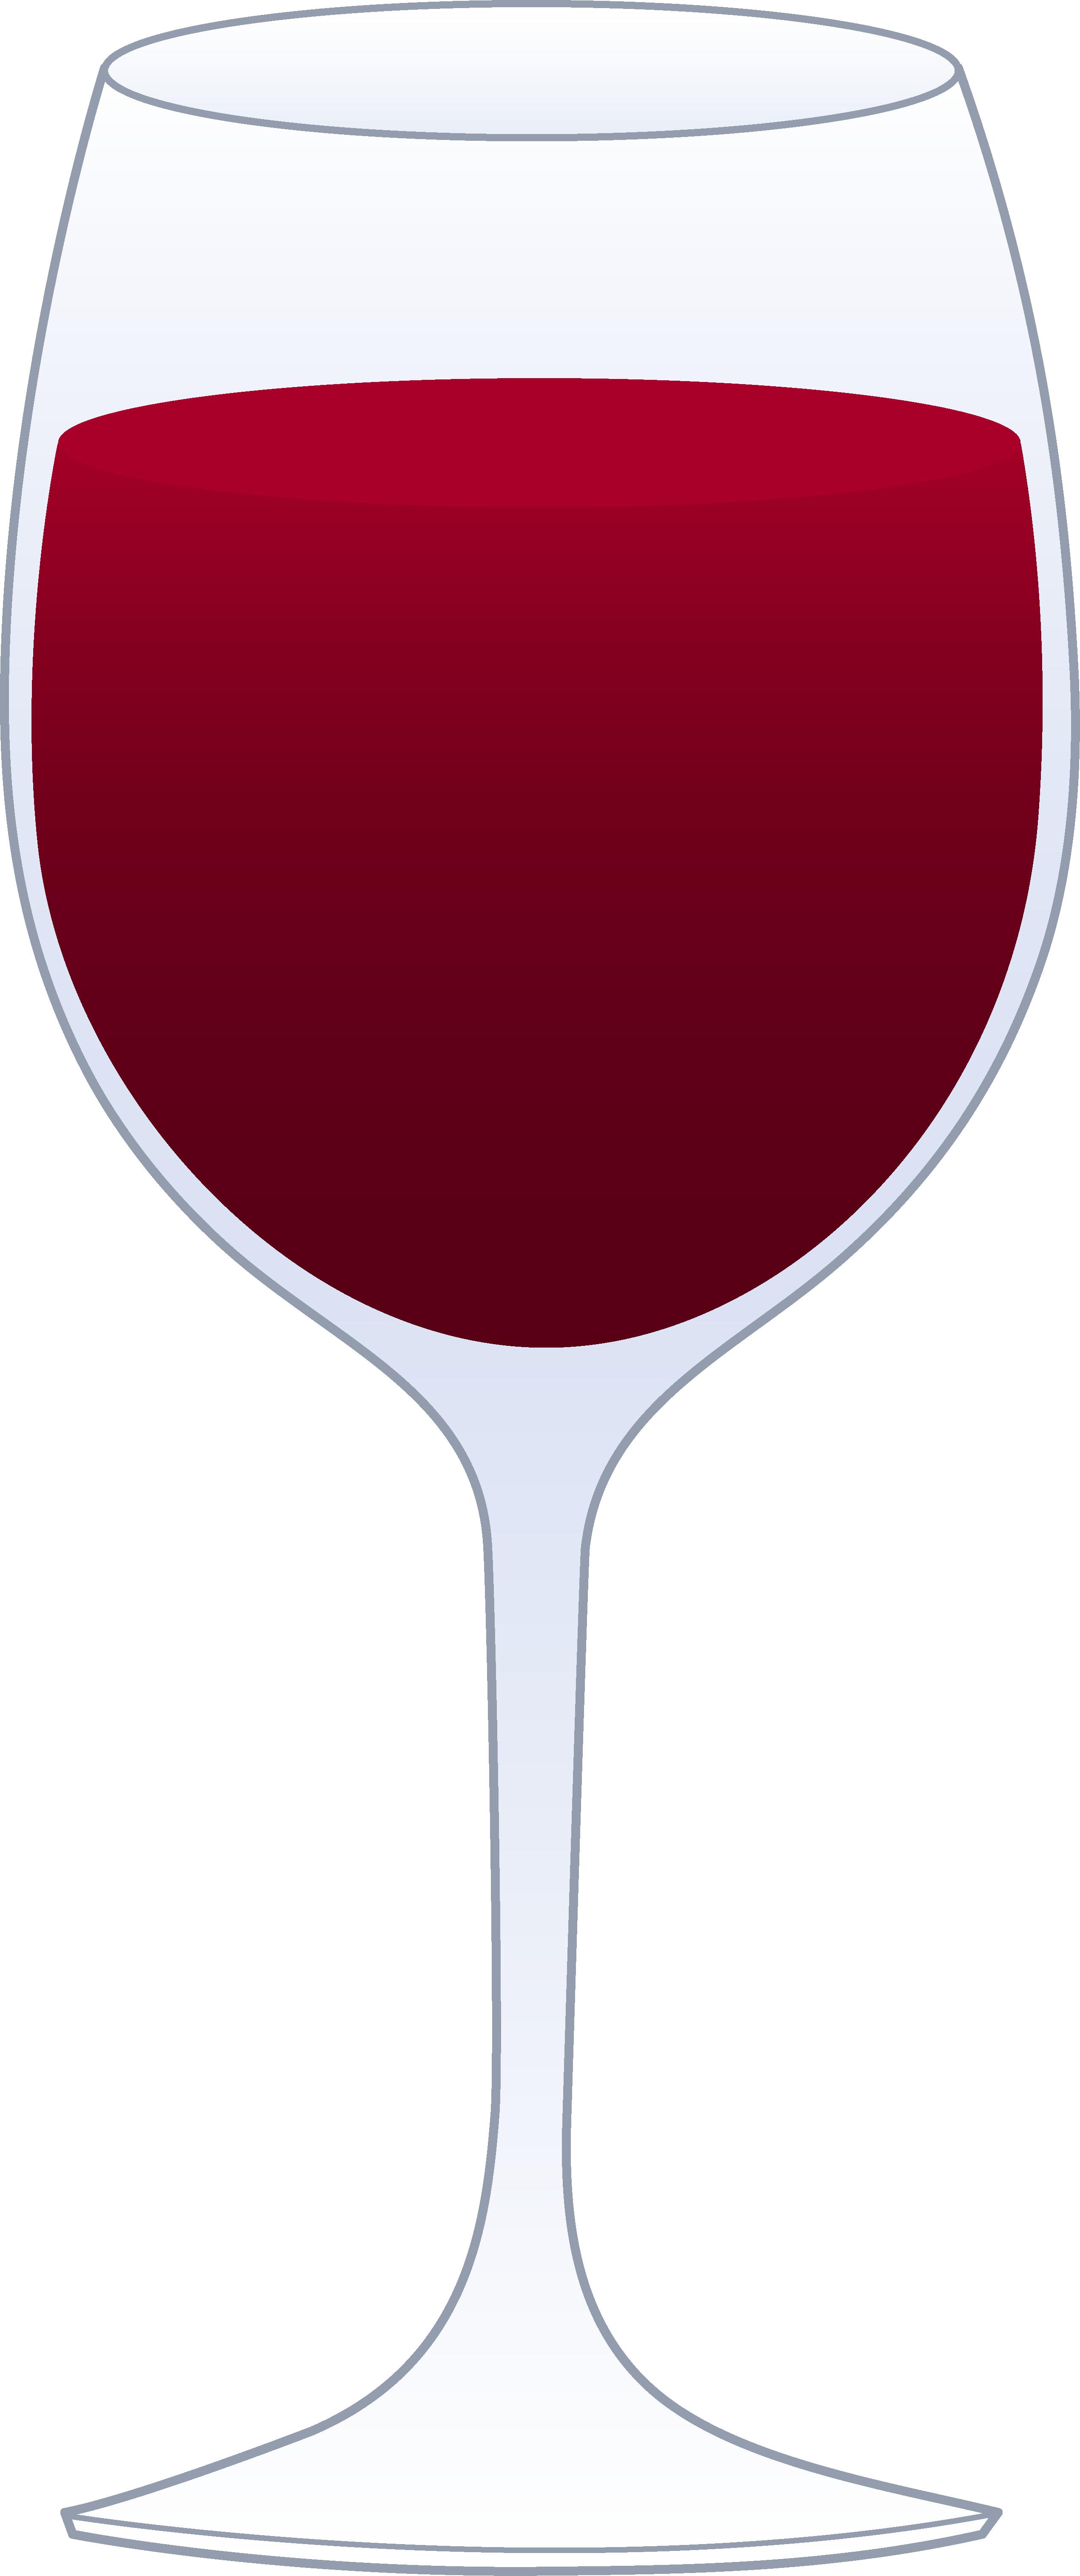 Wine Clip Art-Wine Clip Art-1